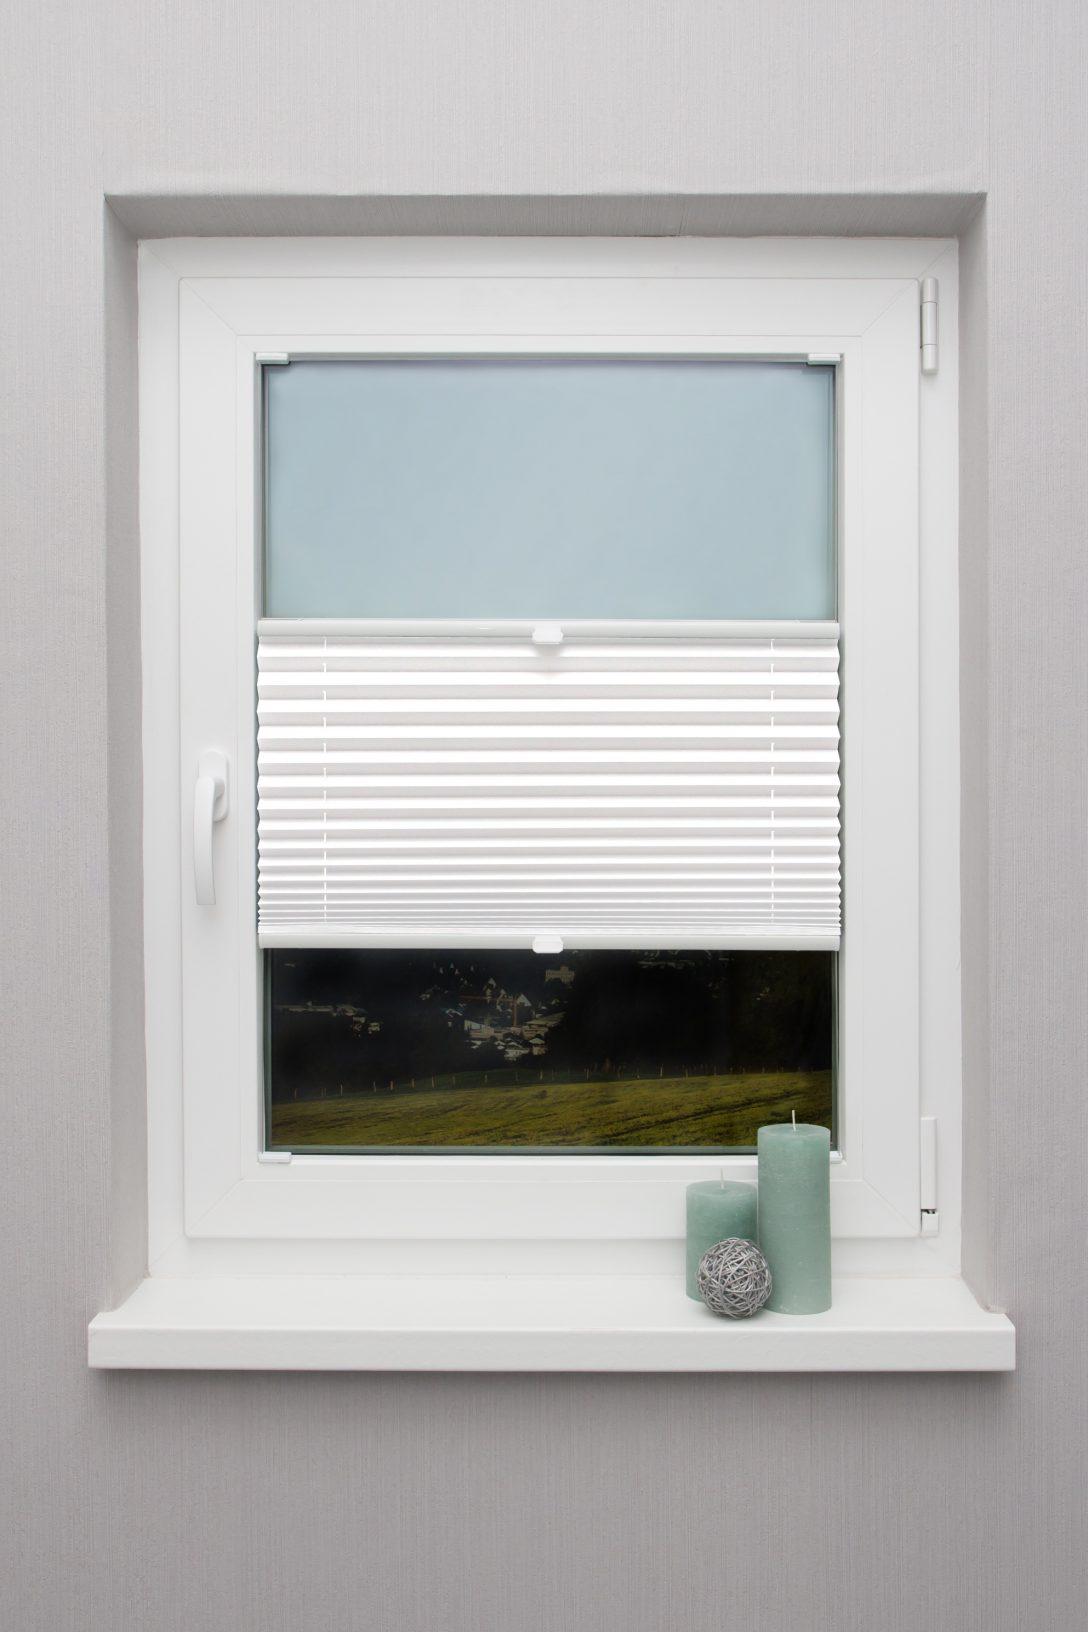 Large Size of Plissee Fenster Kleben Montageanleitung Klemmen Undicht Ausmessen Montage Fensterrahmen Richtig Messen Soluna Plissees Zum Amazon Ohne Bohren Ins Innen Folie Fenster Plissee Fenster